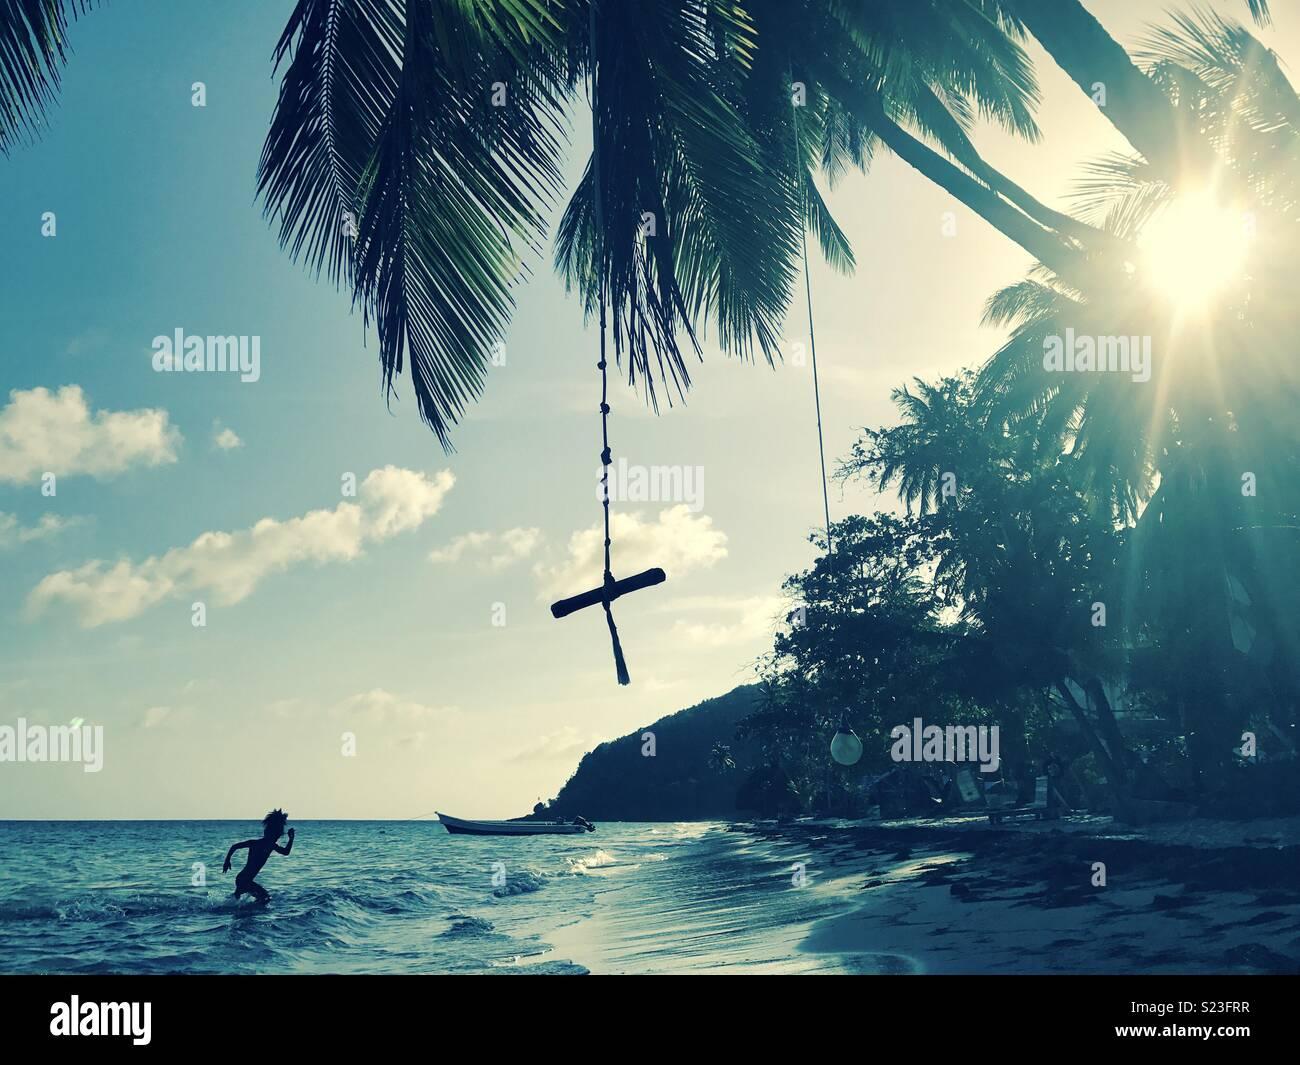 Spiaggia caraibica di scena sul isola di Providencia, un colombiano isola nei Caraibi. Immagini Stock